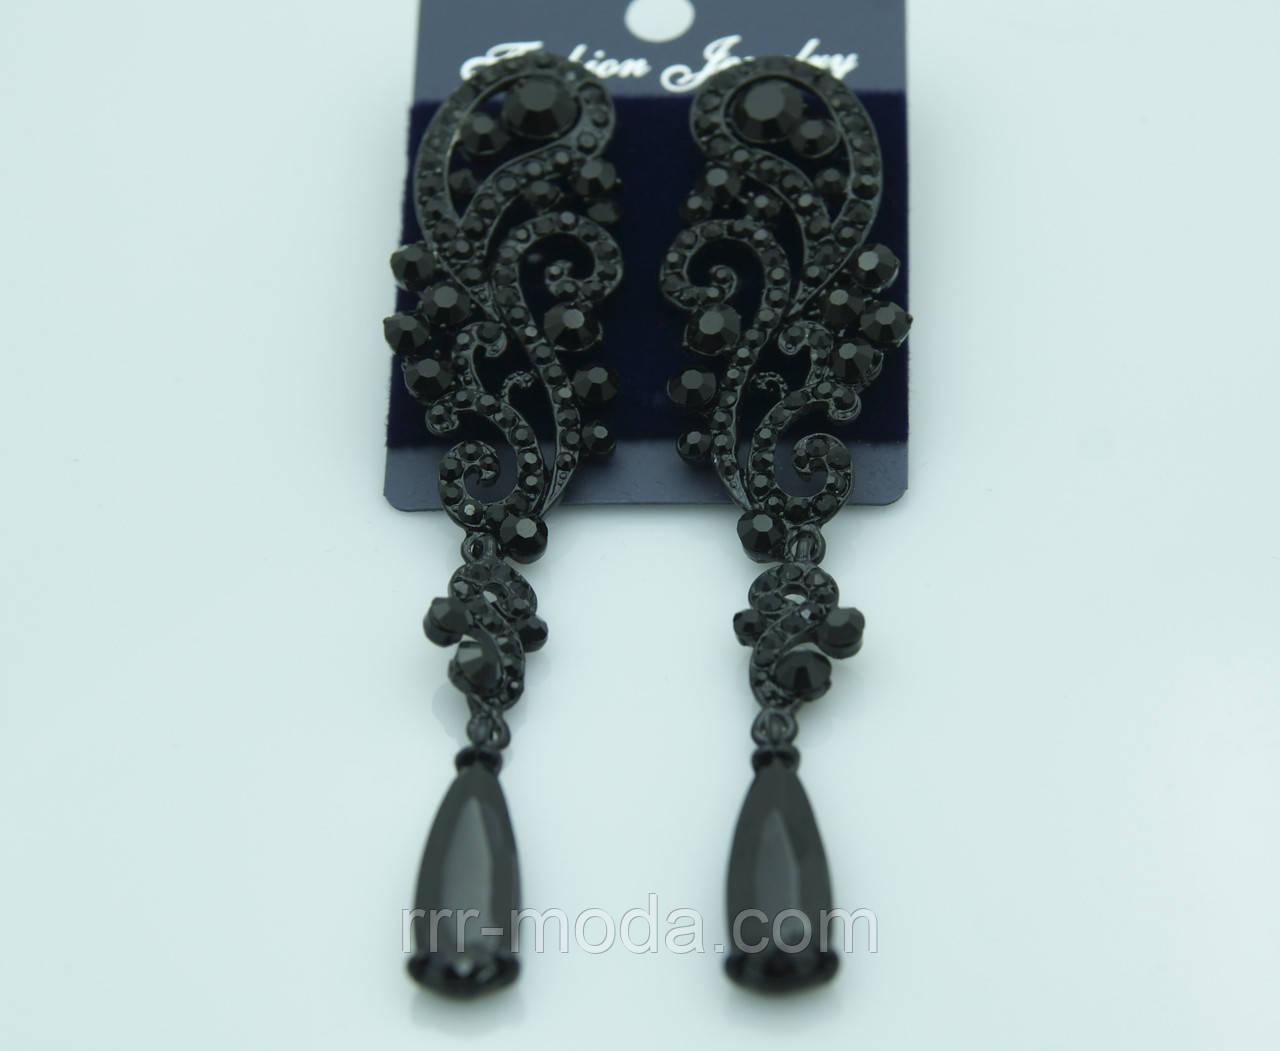 Чёрные вечерние серьги. Красивые украшения от Бижутерии оптом RRR. 422